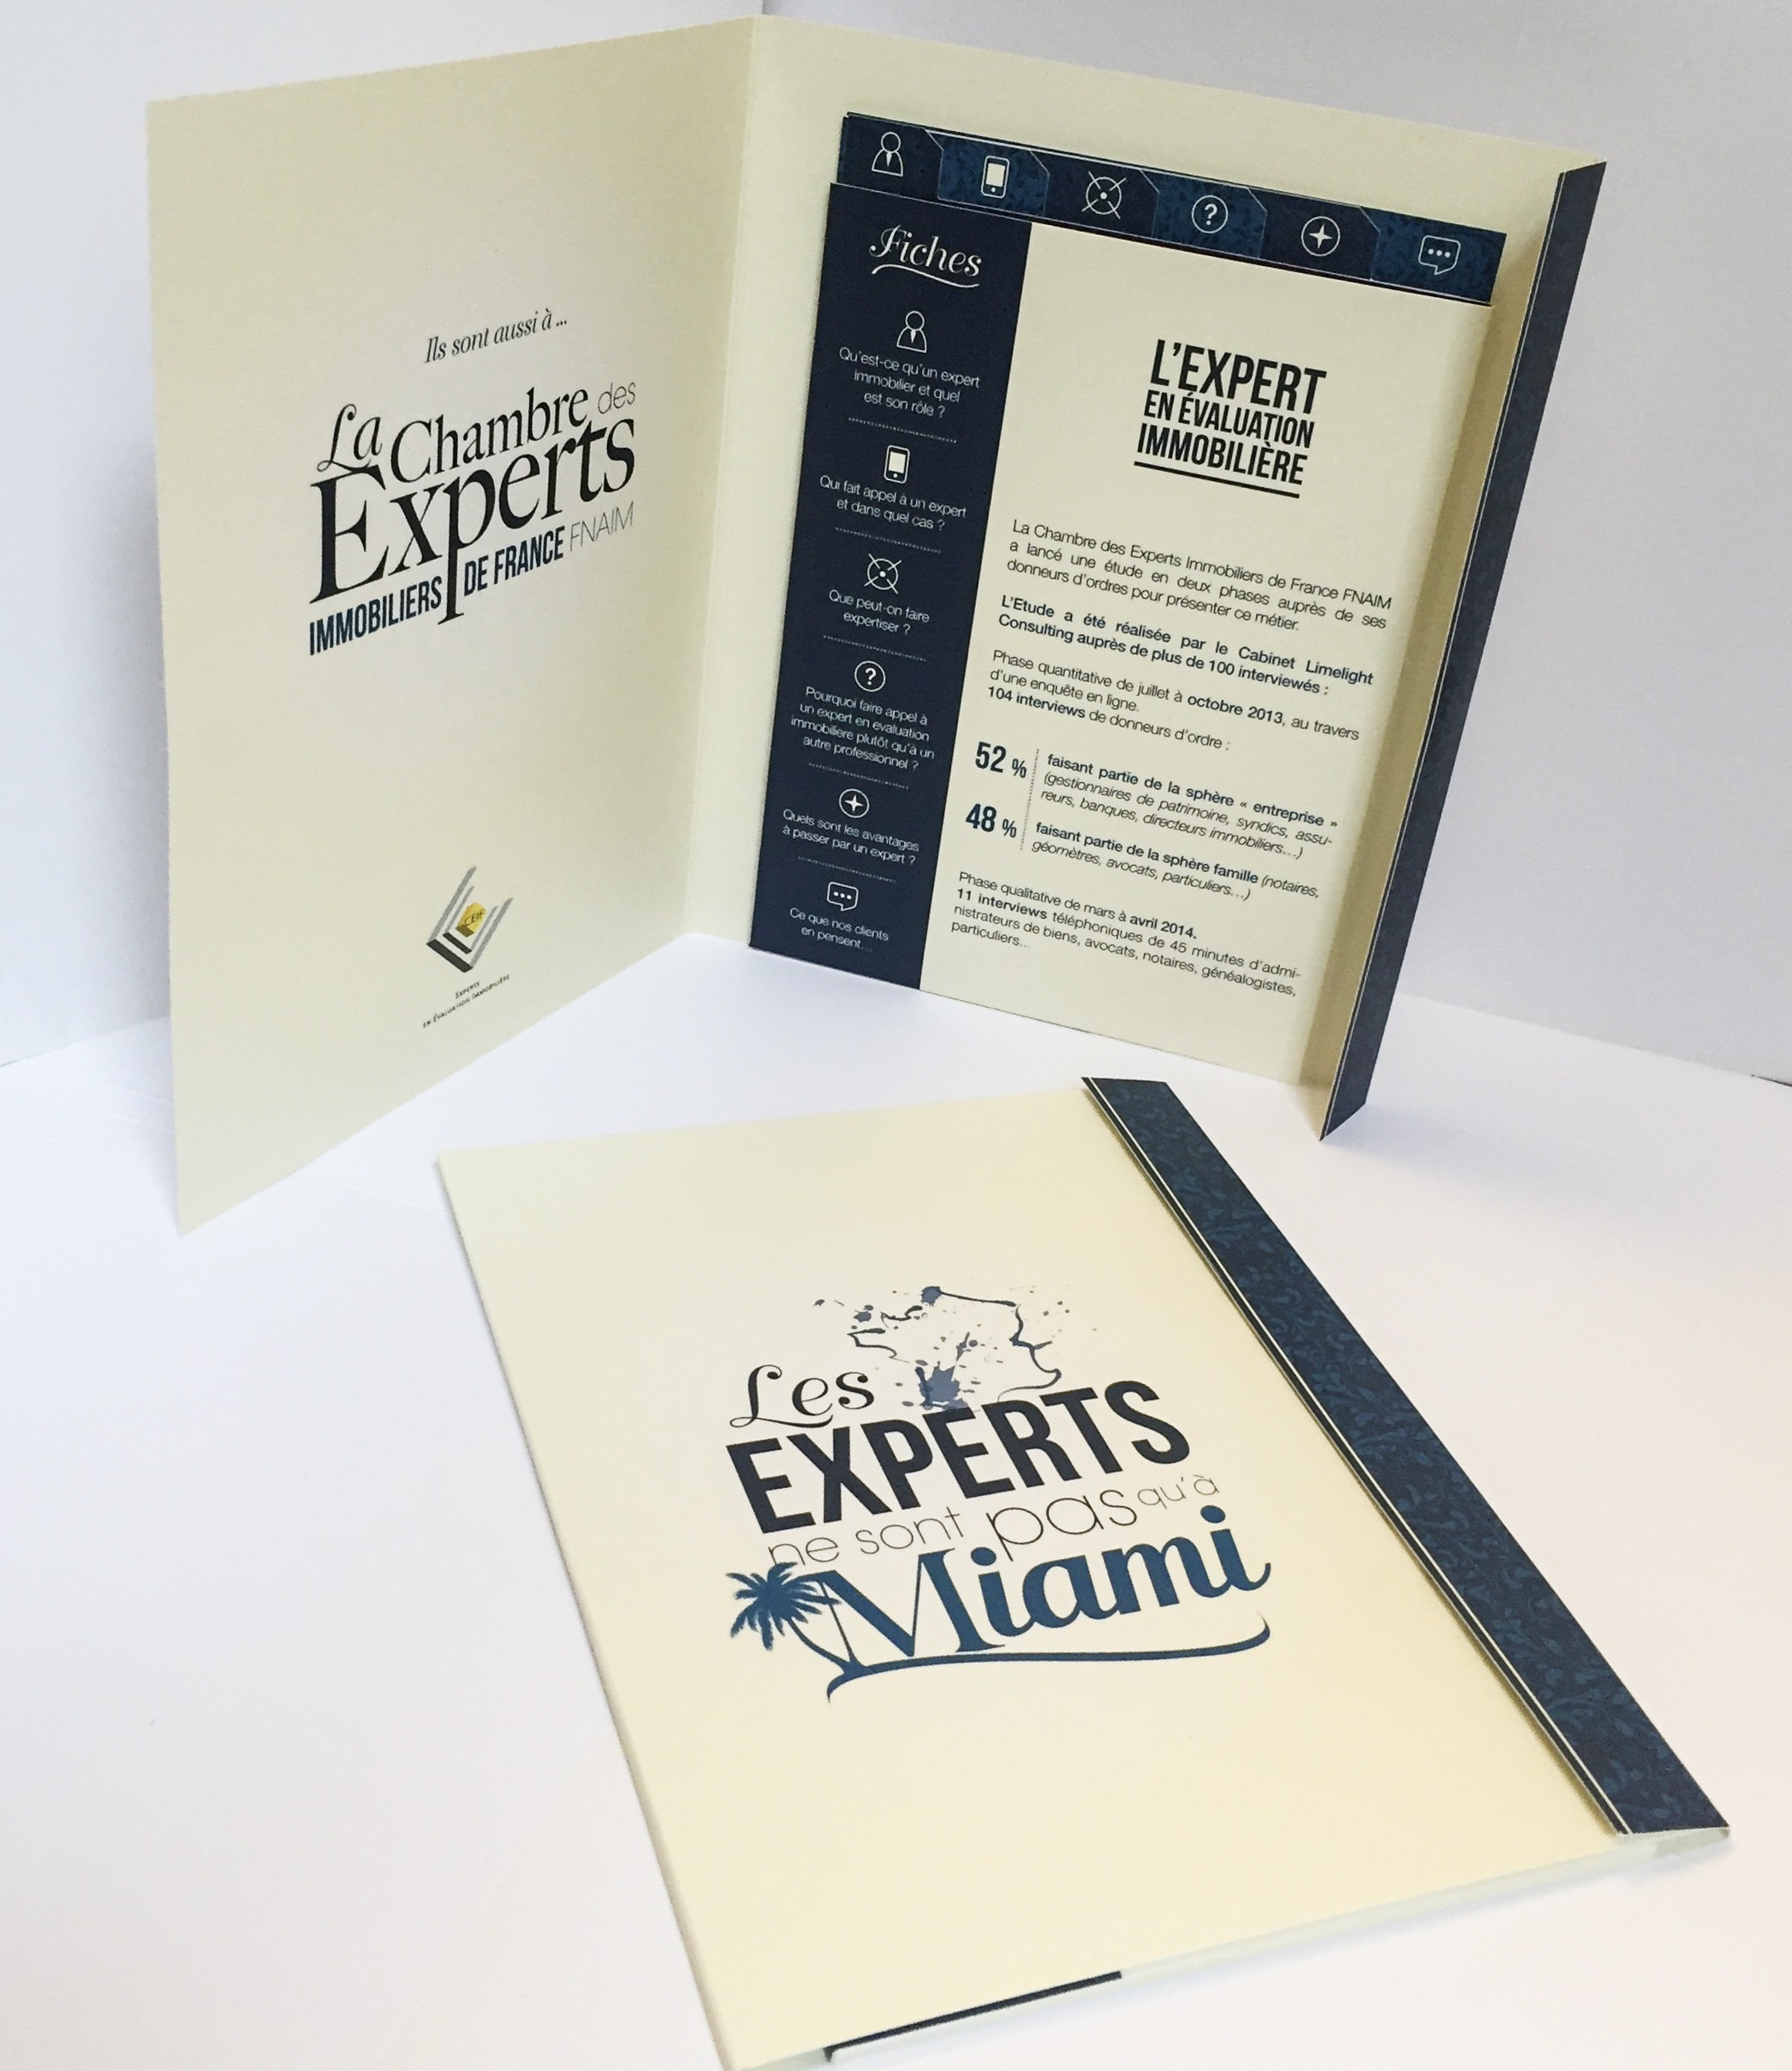 La chambre des experts immobiliers de france librairie - Chambre des experts immobiliers ...